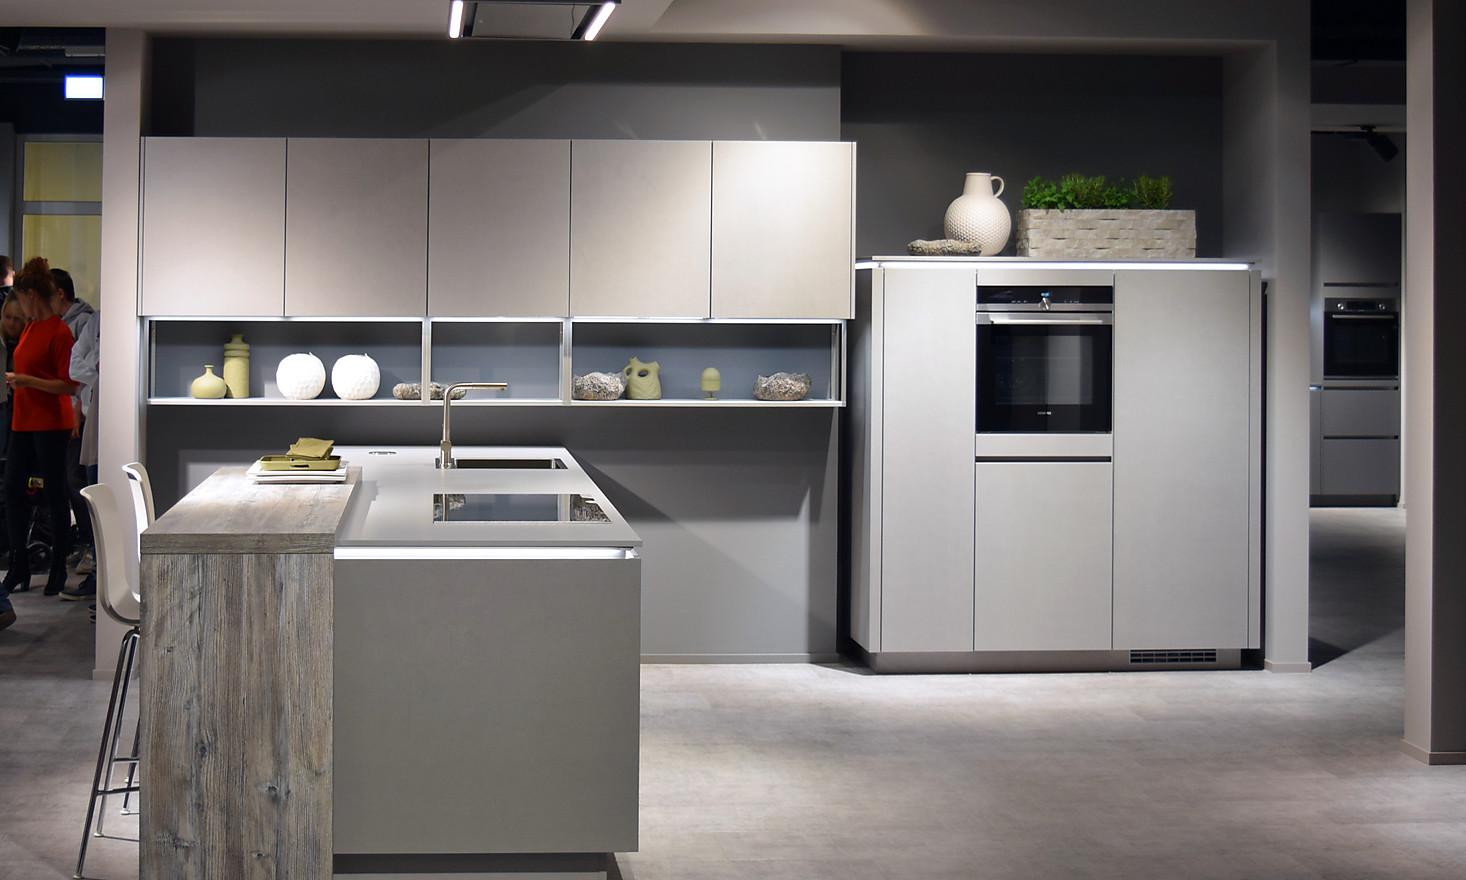 Inselküchen - Stolpersteine und Fallstricke in der Planung